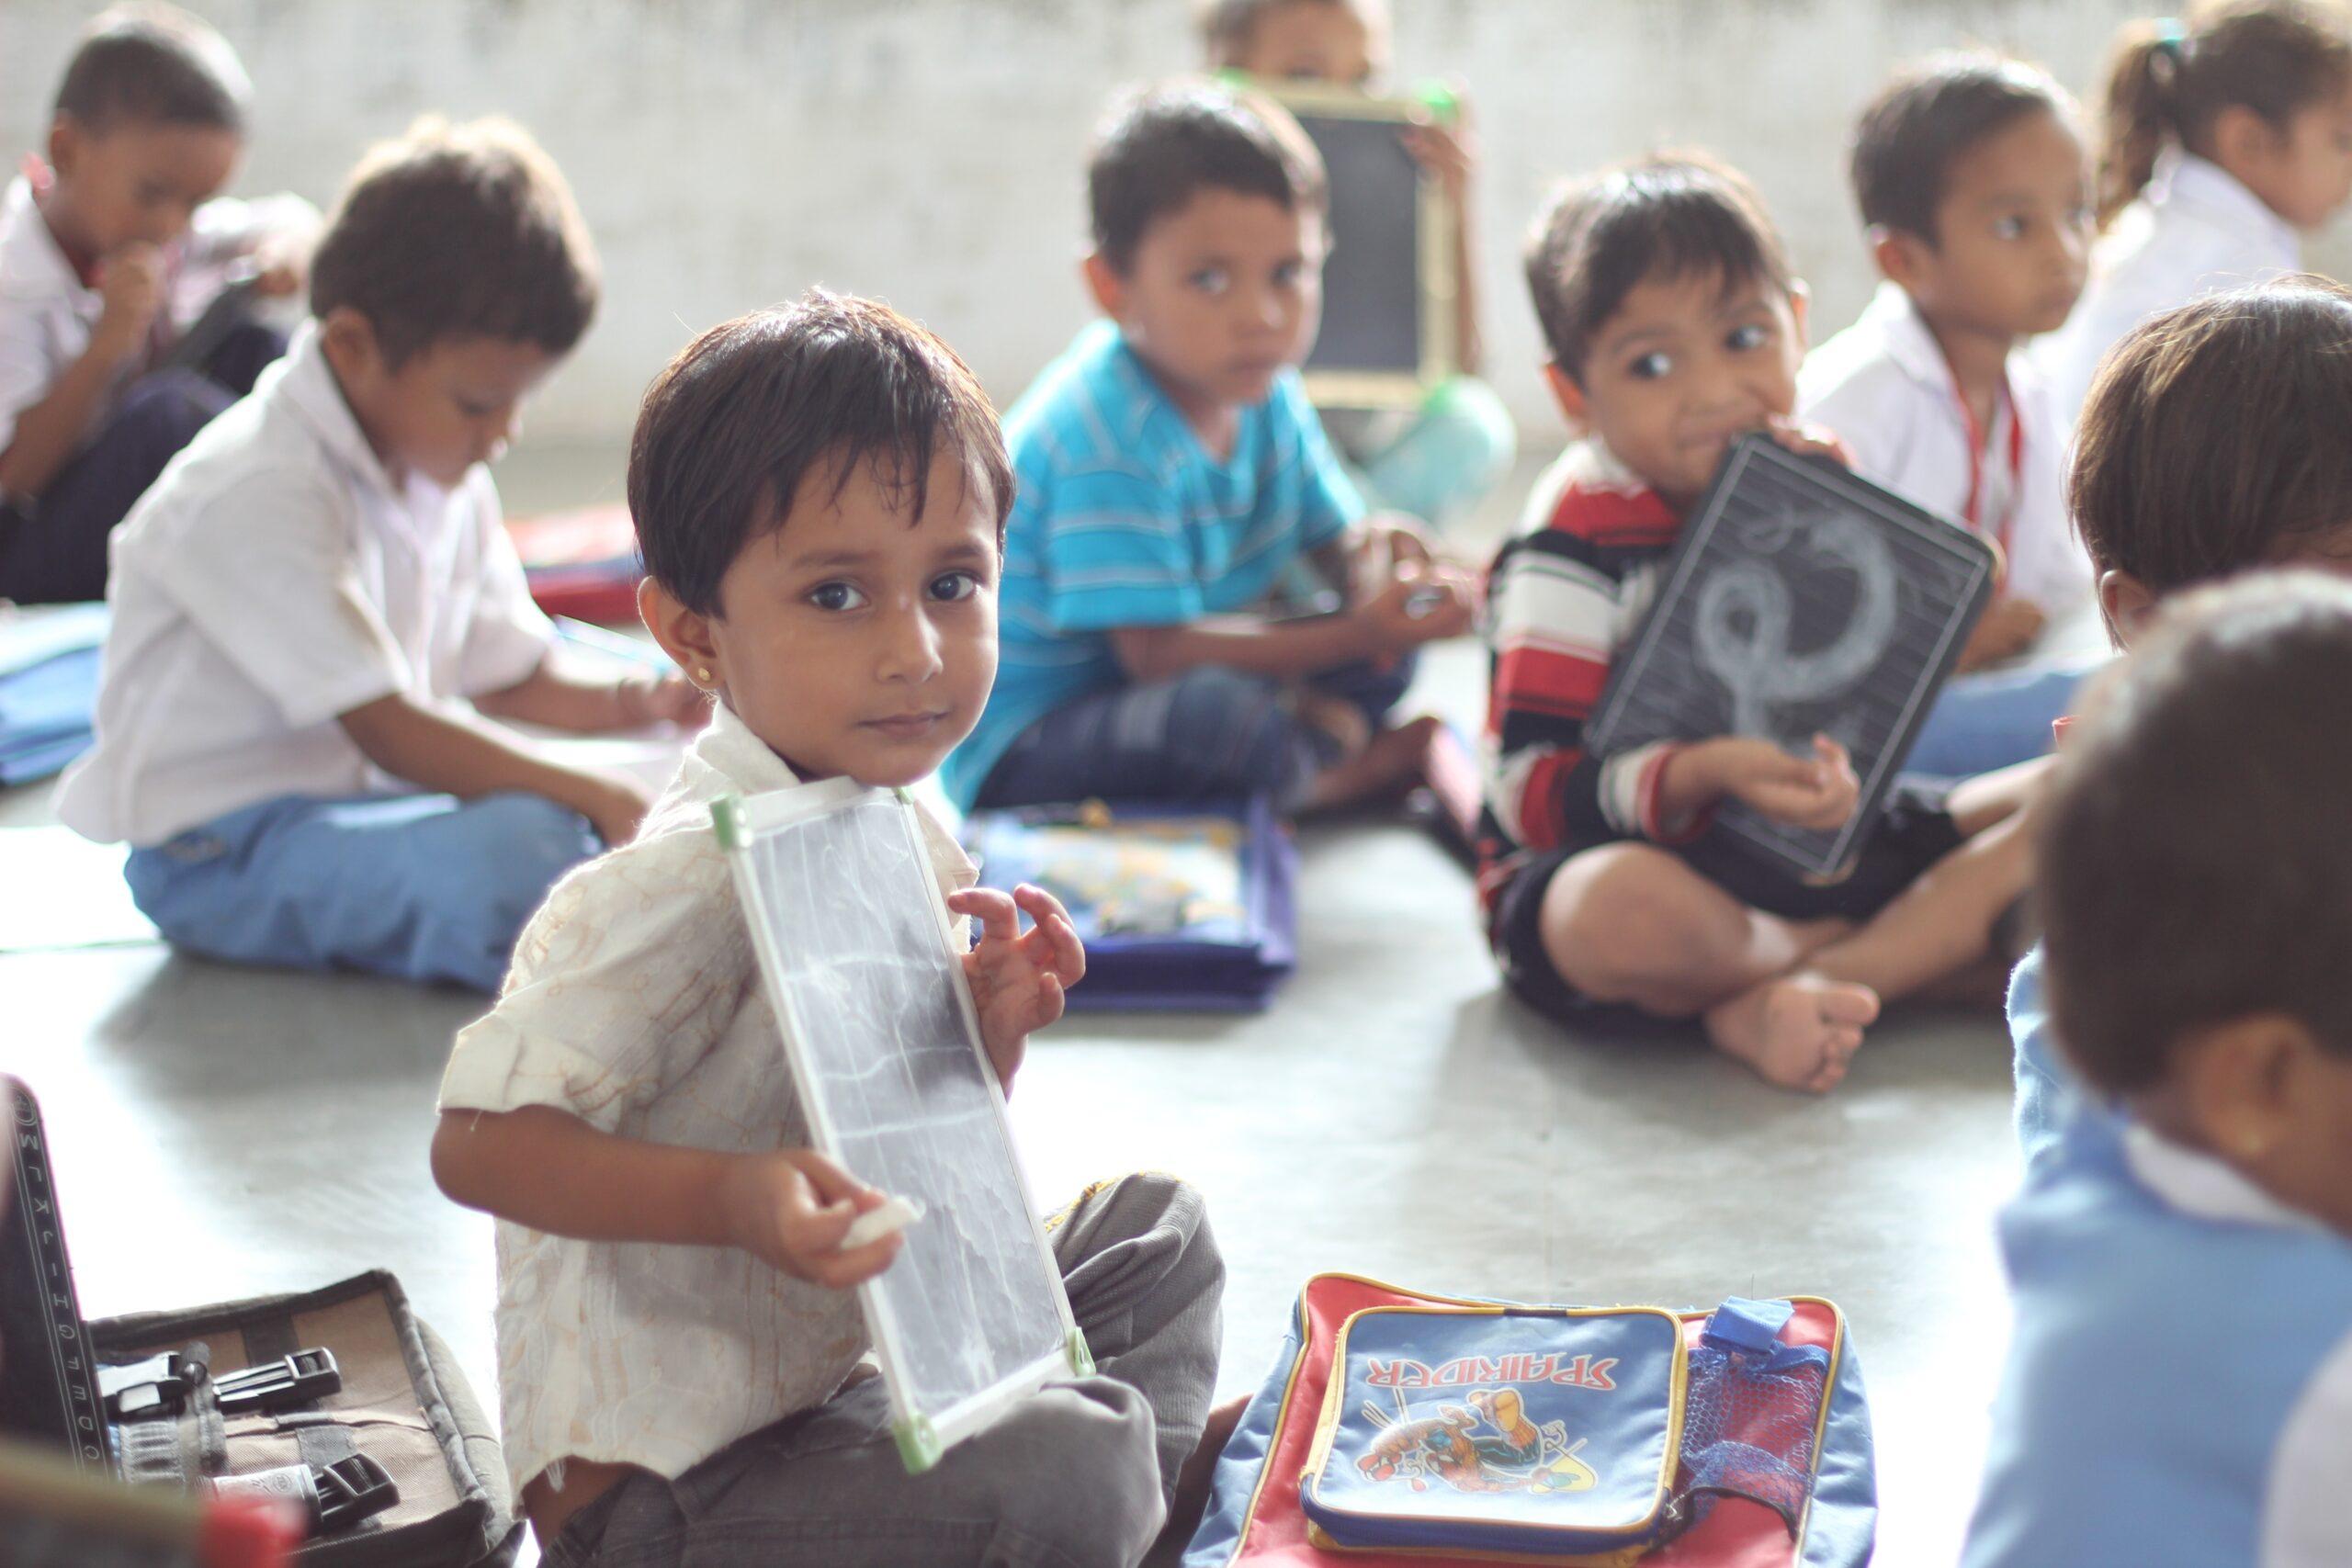 Crianças sentadas no chão, mostrando desenho. Imagem ilustrativa texto desafios da educação infantil.